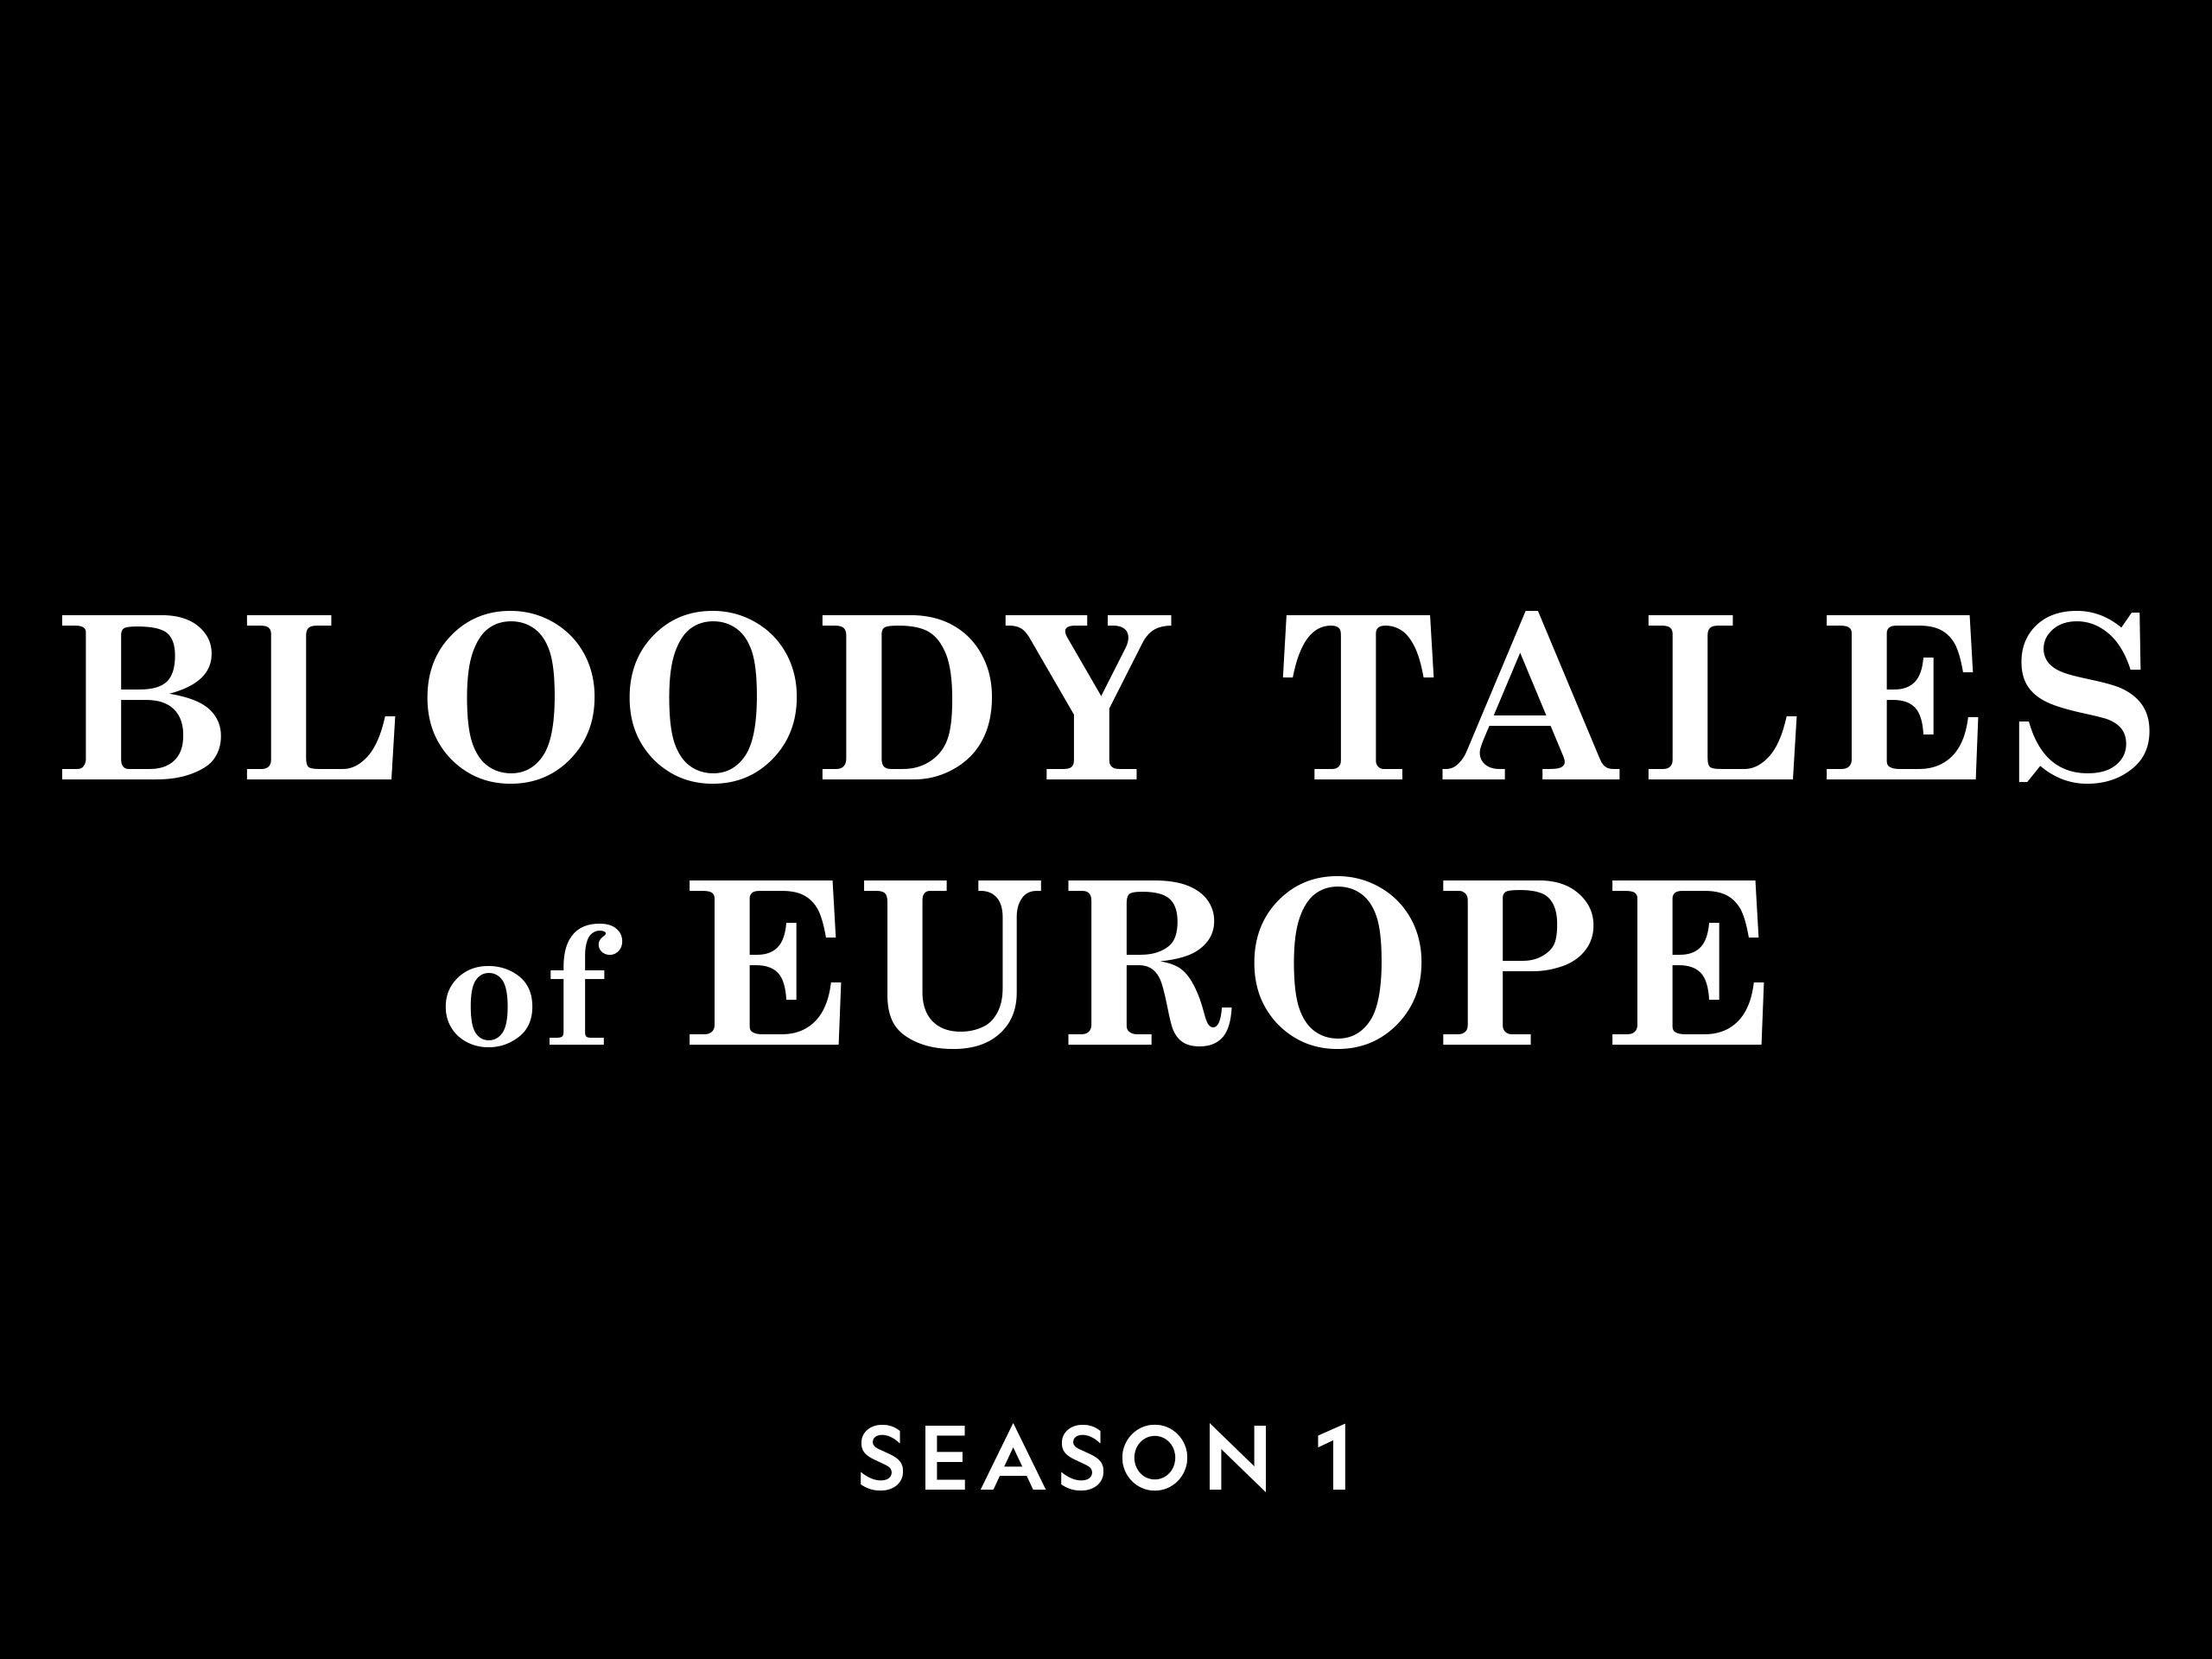 Bloody Tales of Europe - Season 1